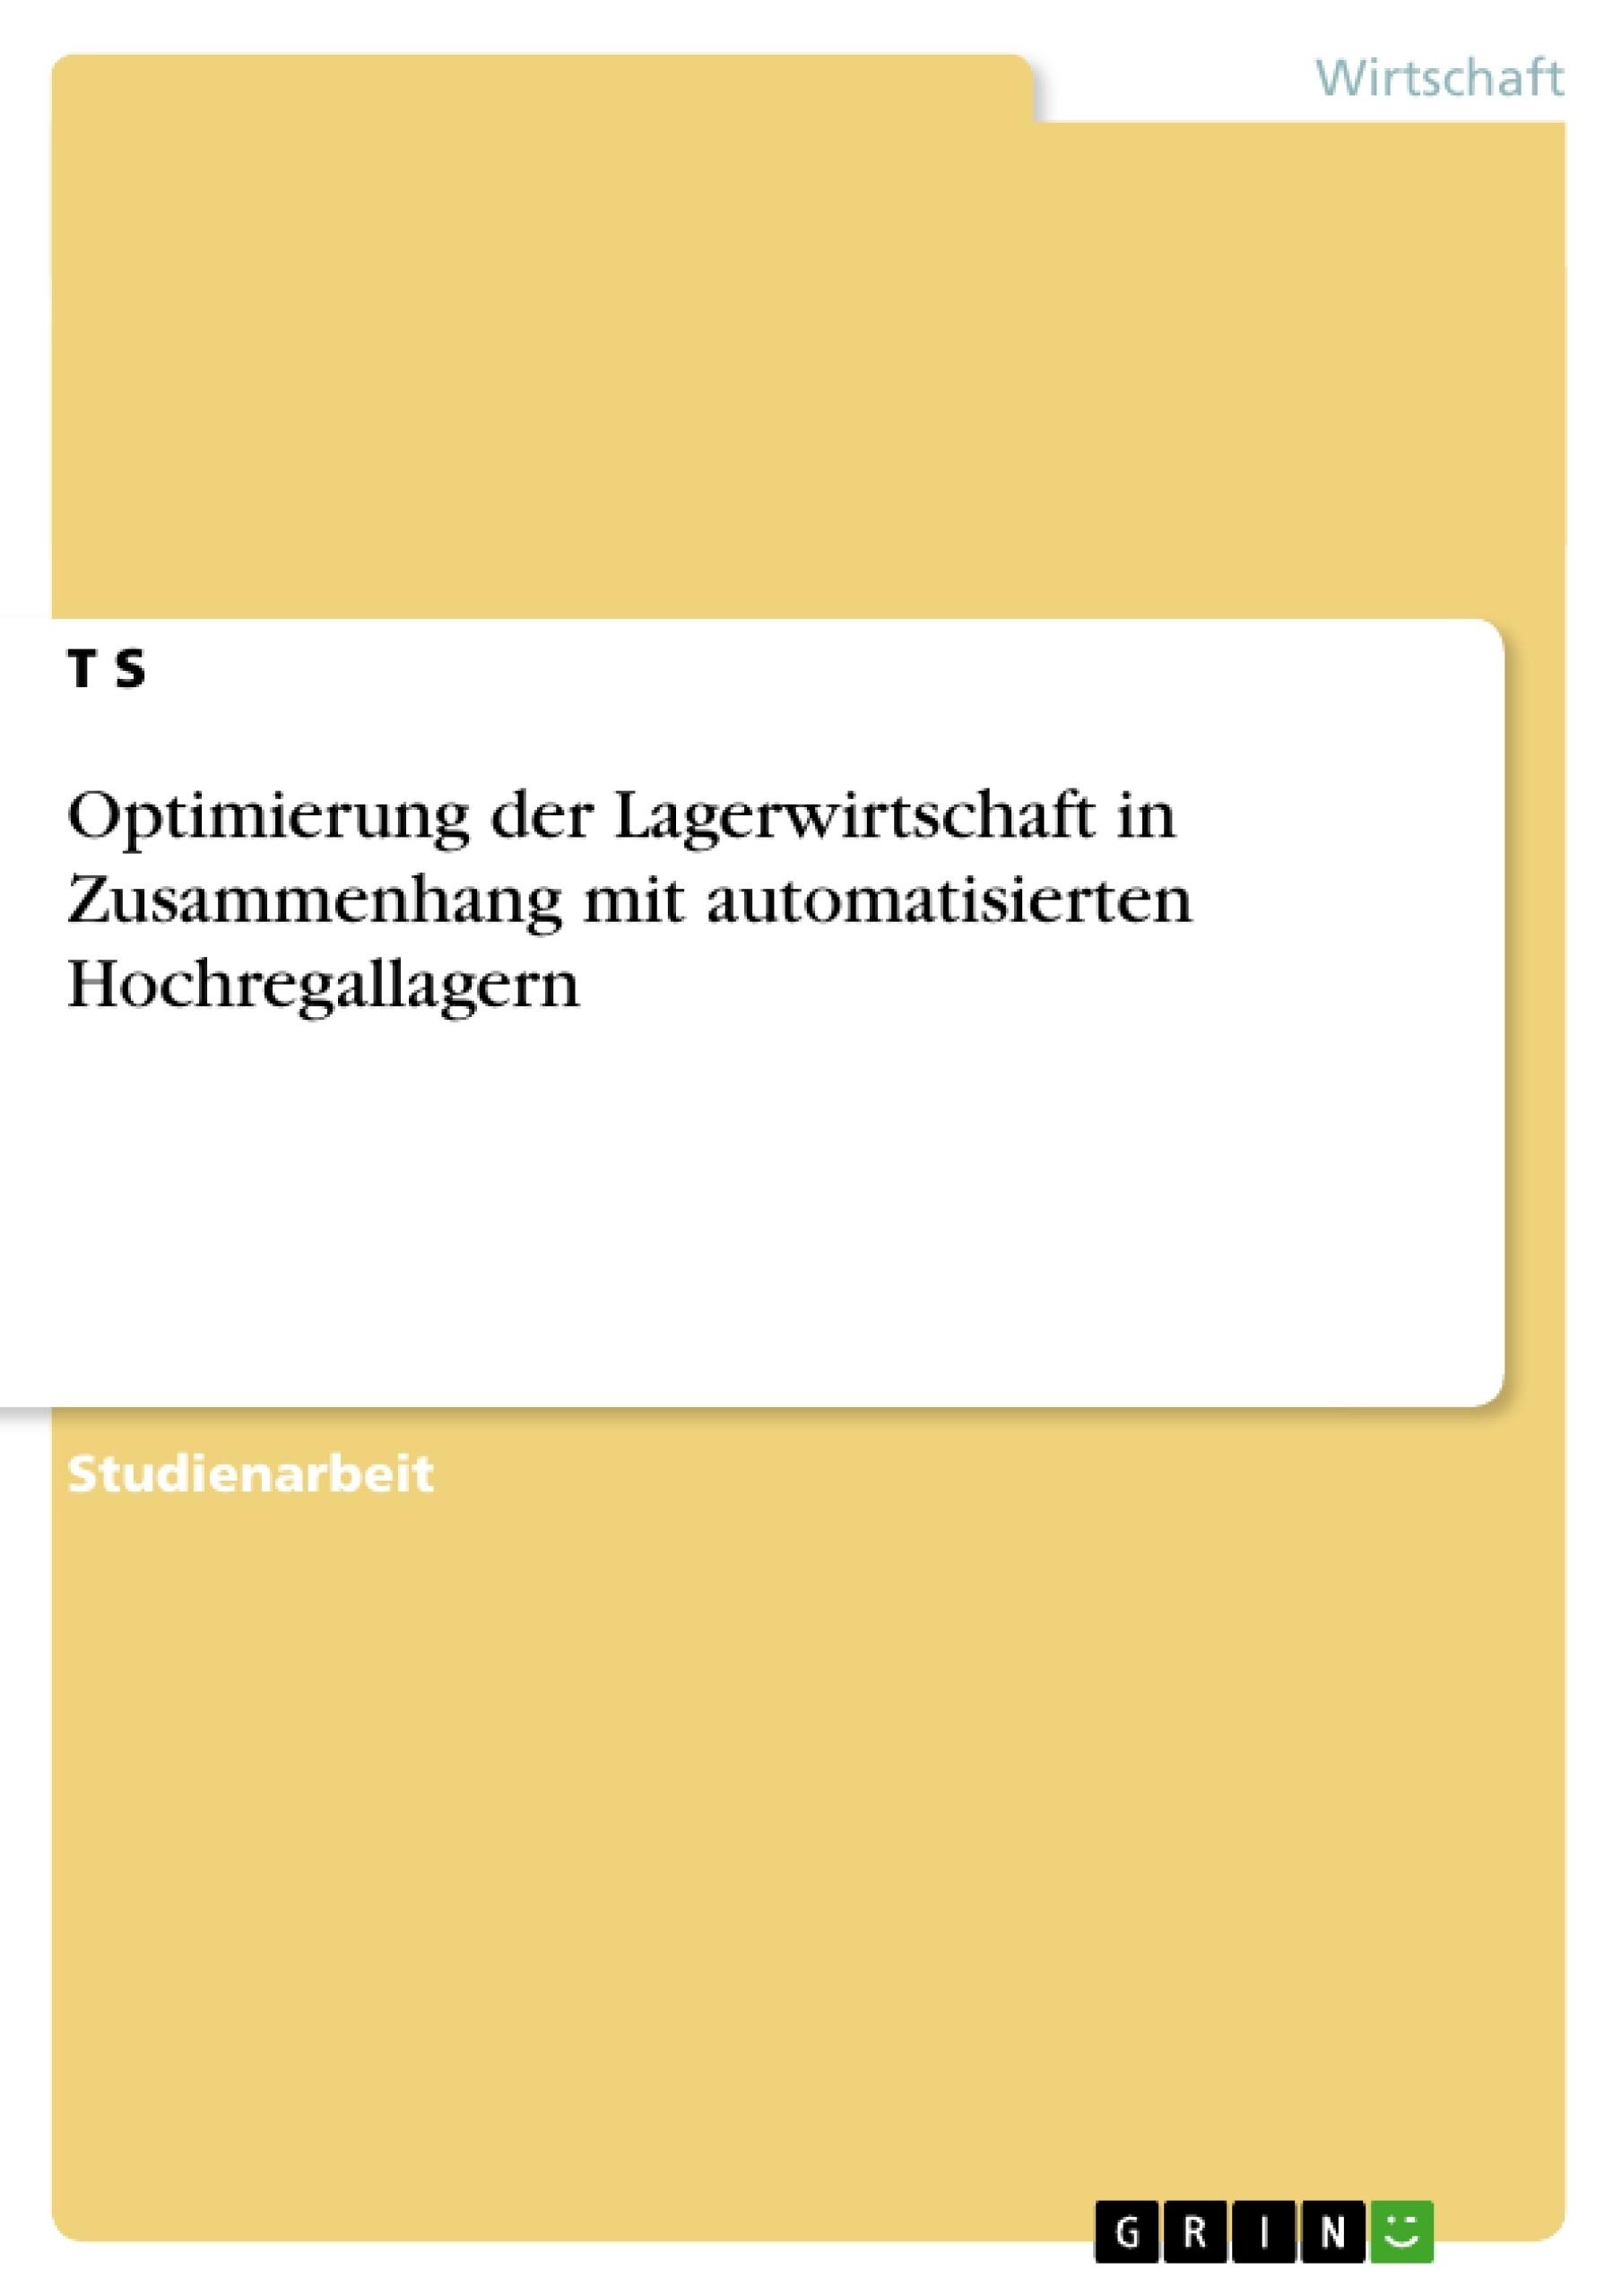 Titel: Optimierung der Lagerwirtschaft in Zusammenhang mit automatisierten Hochregallagern